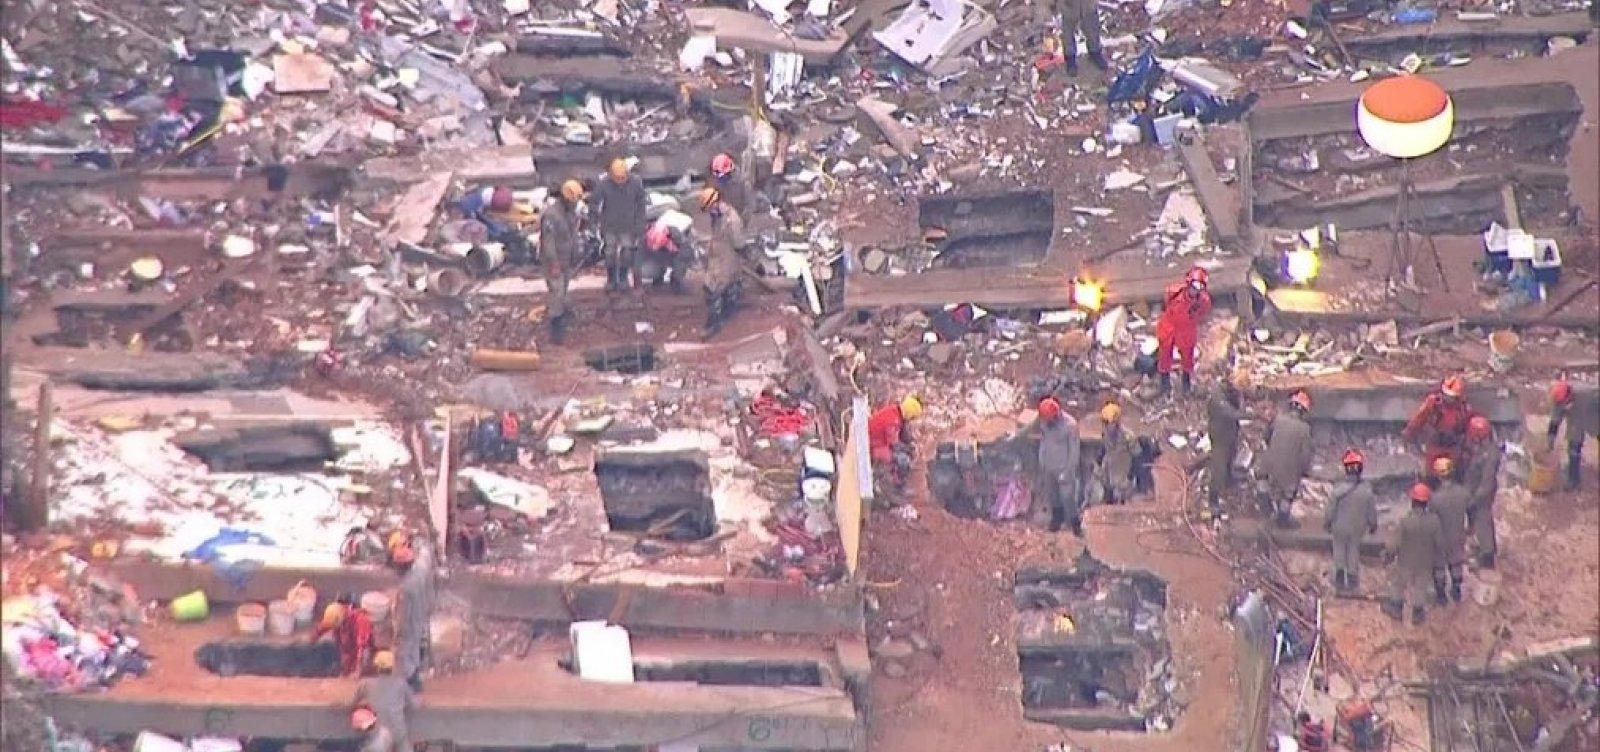 [Sobe para 11 o número de mortos em desabamento no RJ]